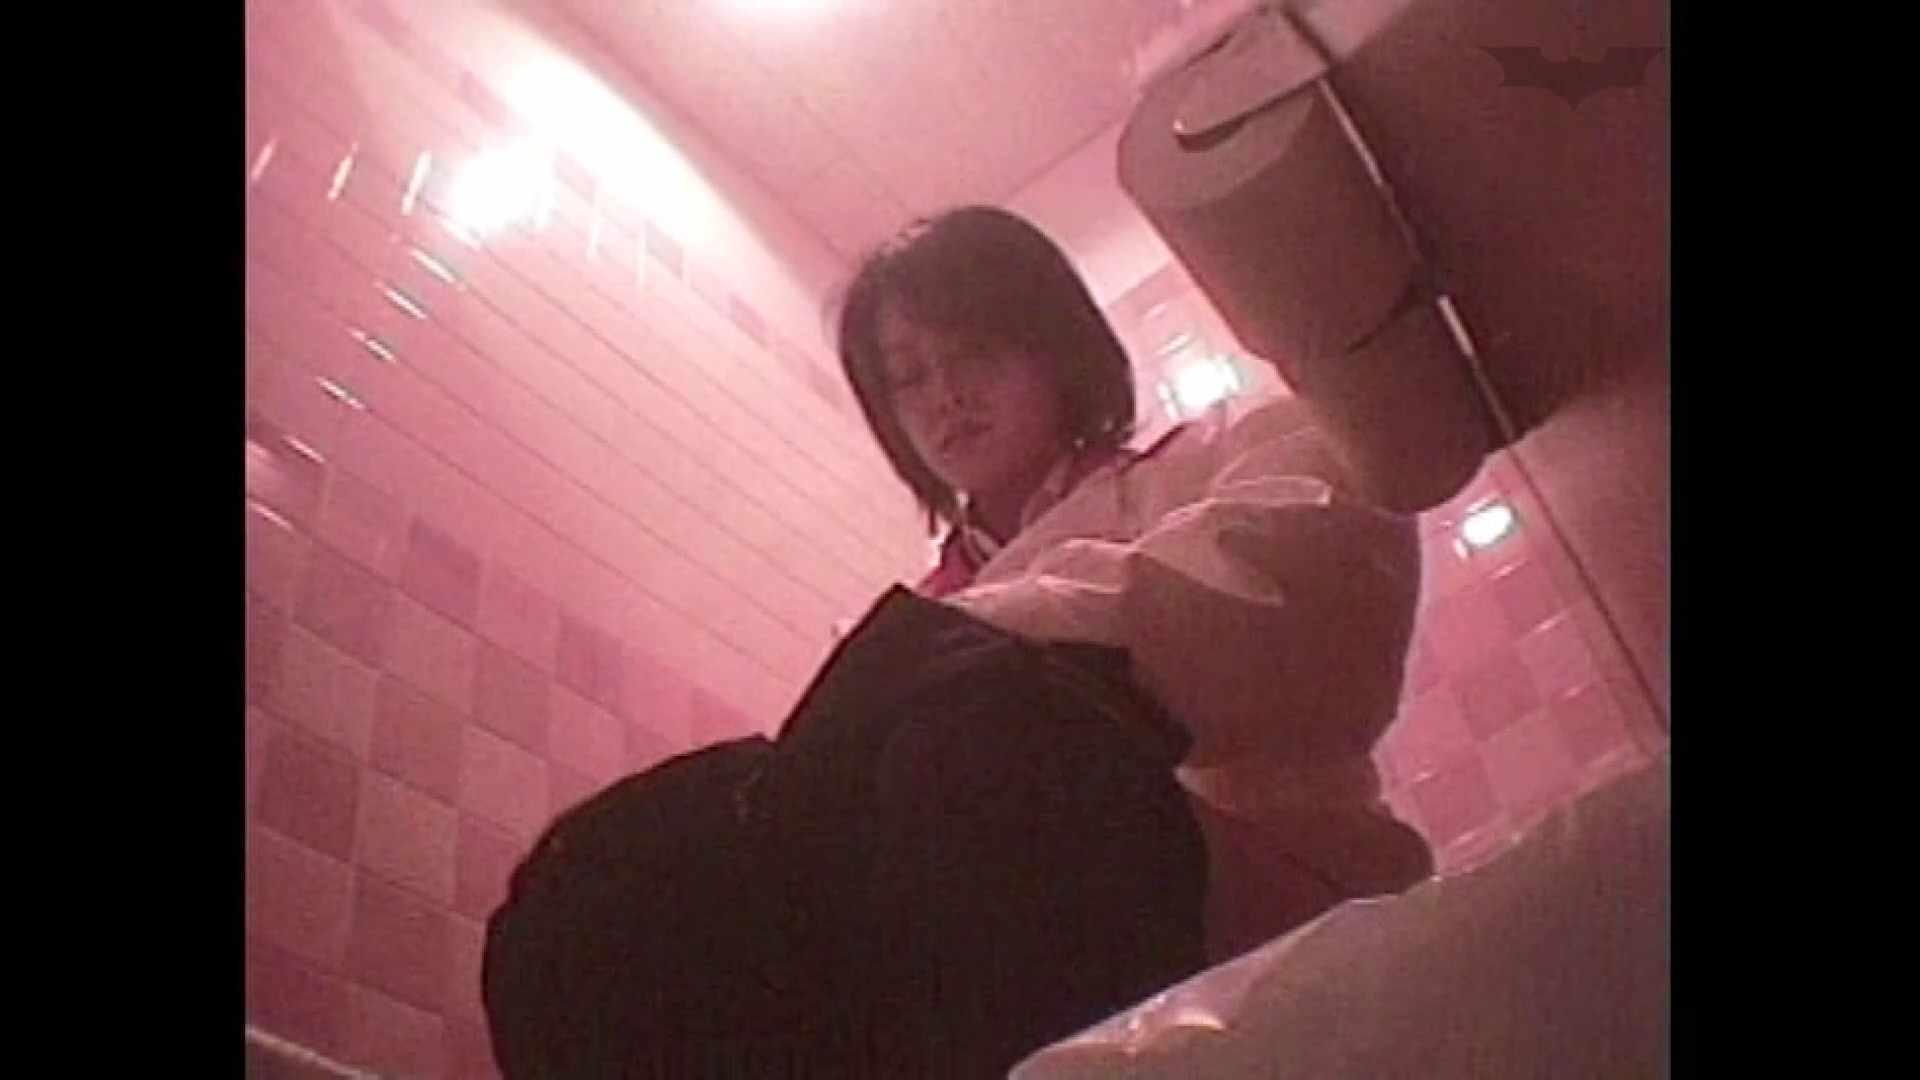 レース場での秘め事 Vol.03 洗面所のぞき セックス無修正動画無料 101枚 53